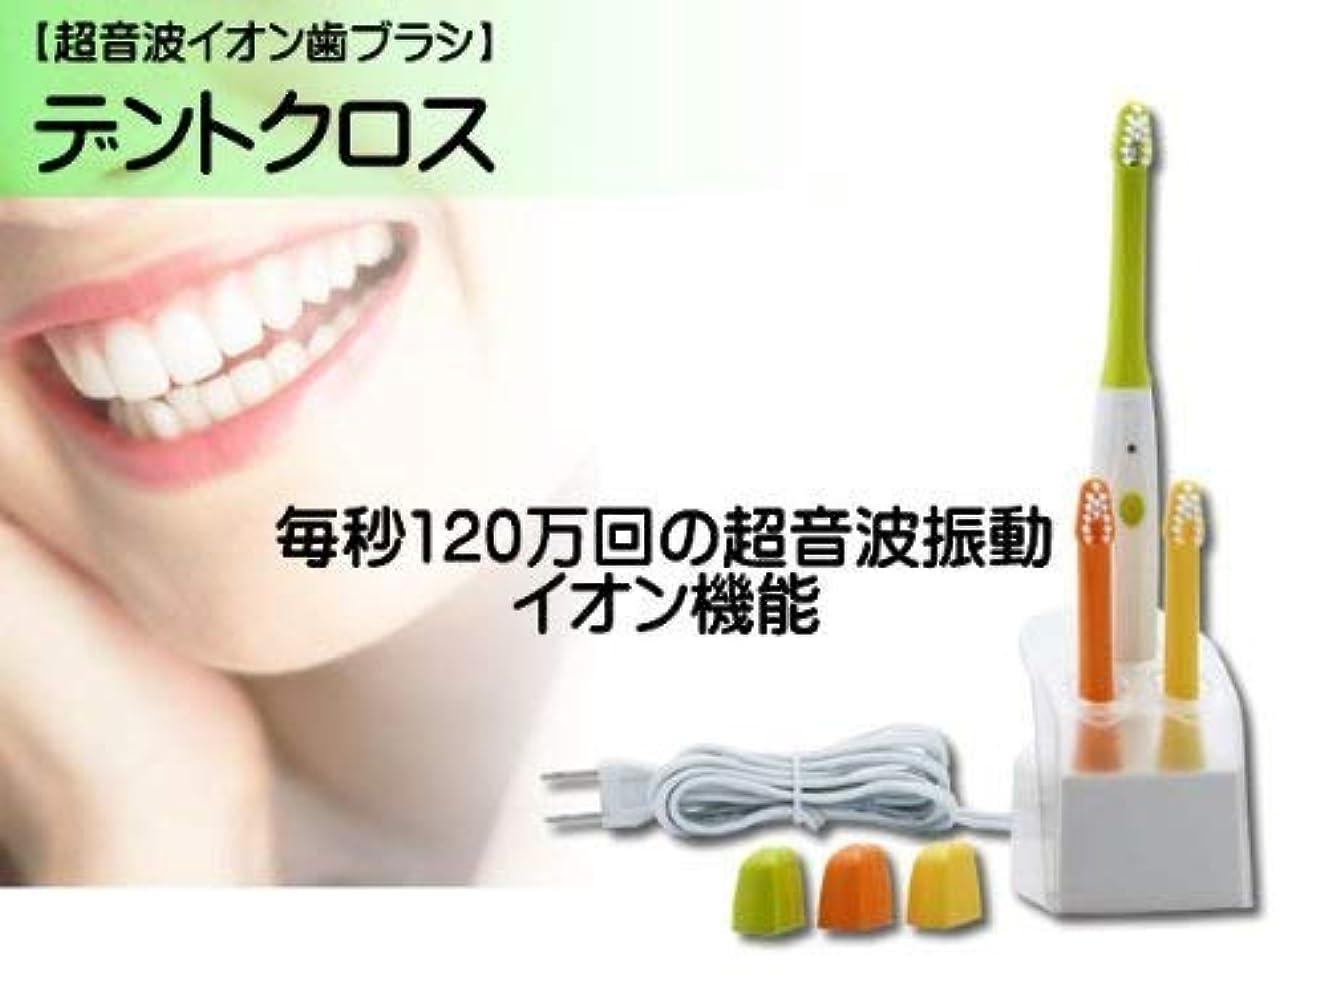 ラッチロバ家庭教師超音波歯ブラシ Supersonic×Ion Toothbrush PURO i